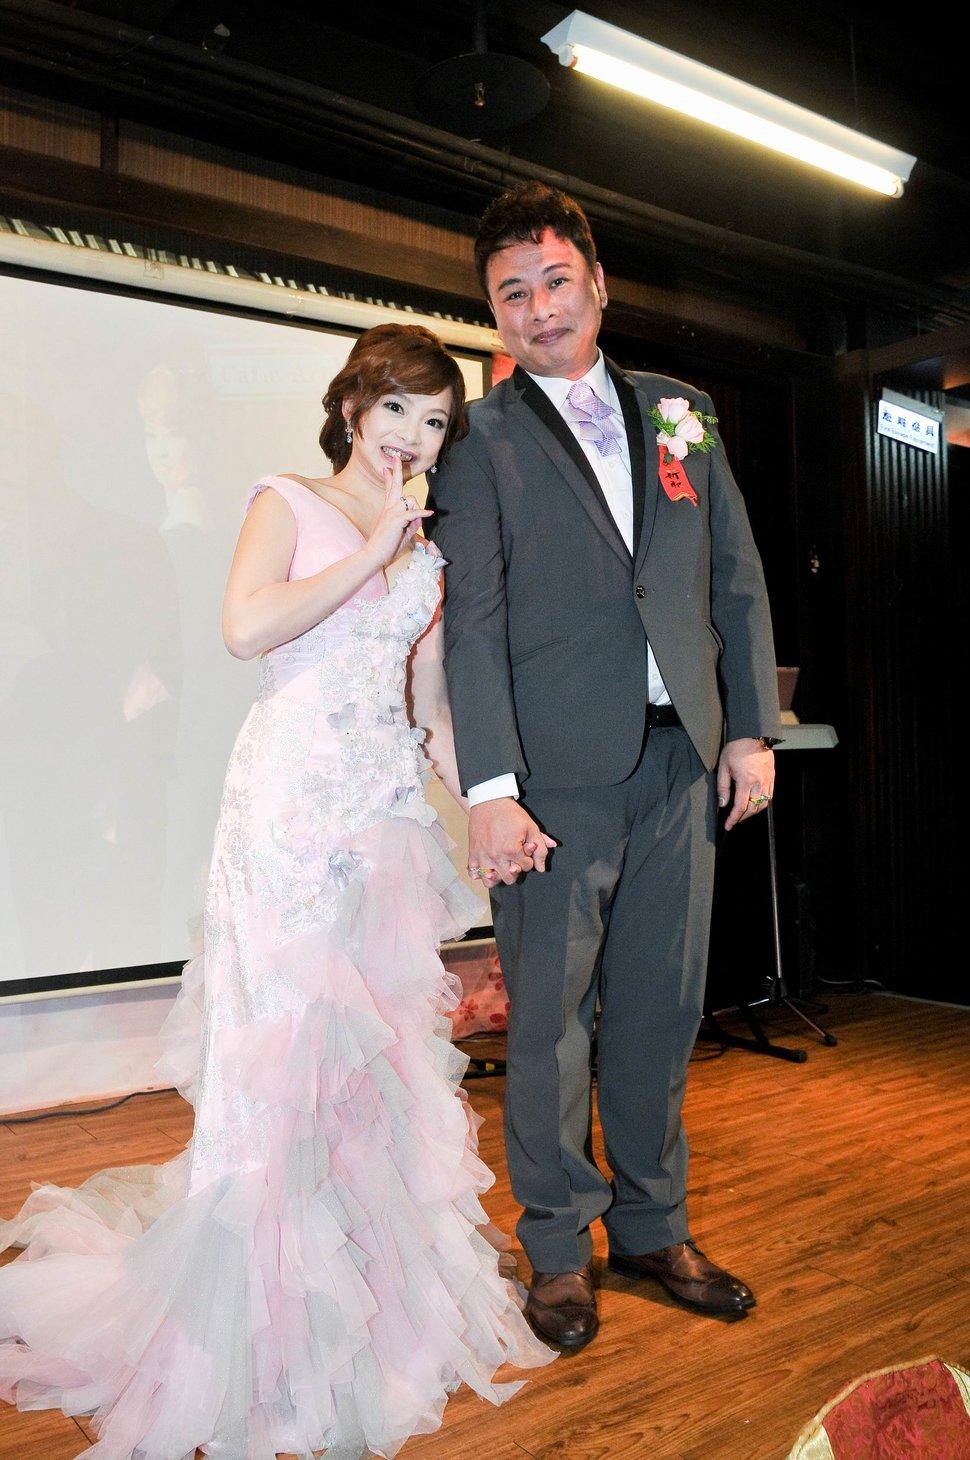 龍和餐廳結婚迎娶儀式晚宴婚禮記錄動態微電影錄影專業錄影平面攝影婚攝婚禮主持人(編號:272572) - 蜜月拍照10800錄影12800攝影團隊 - 結婚吧